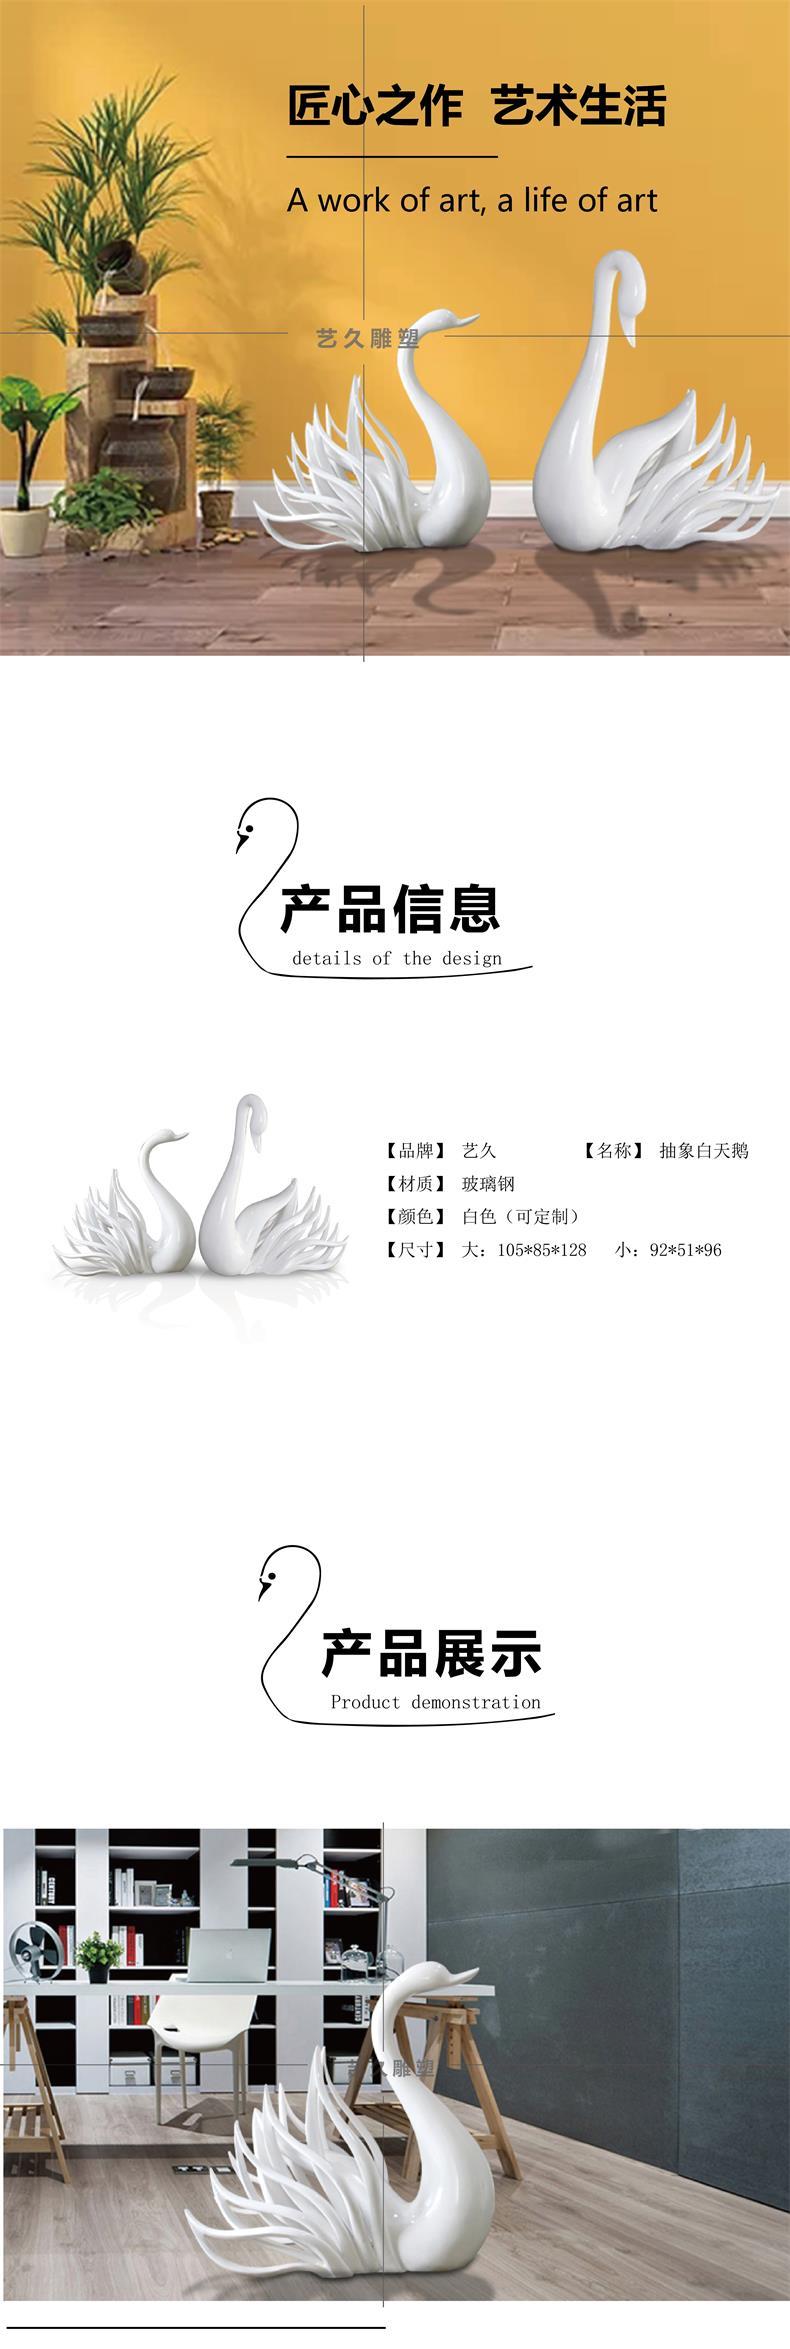 抽象白天鹅摆件-06.jpg